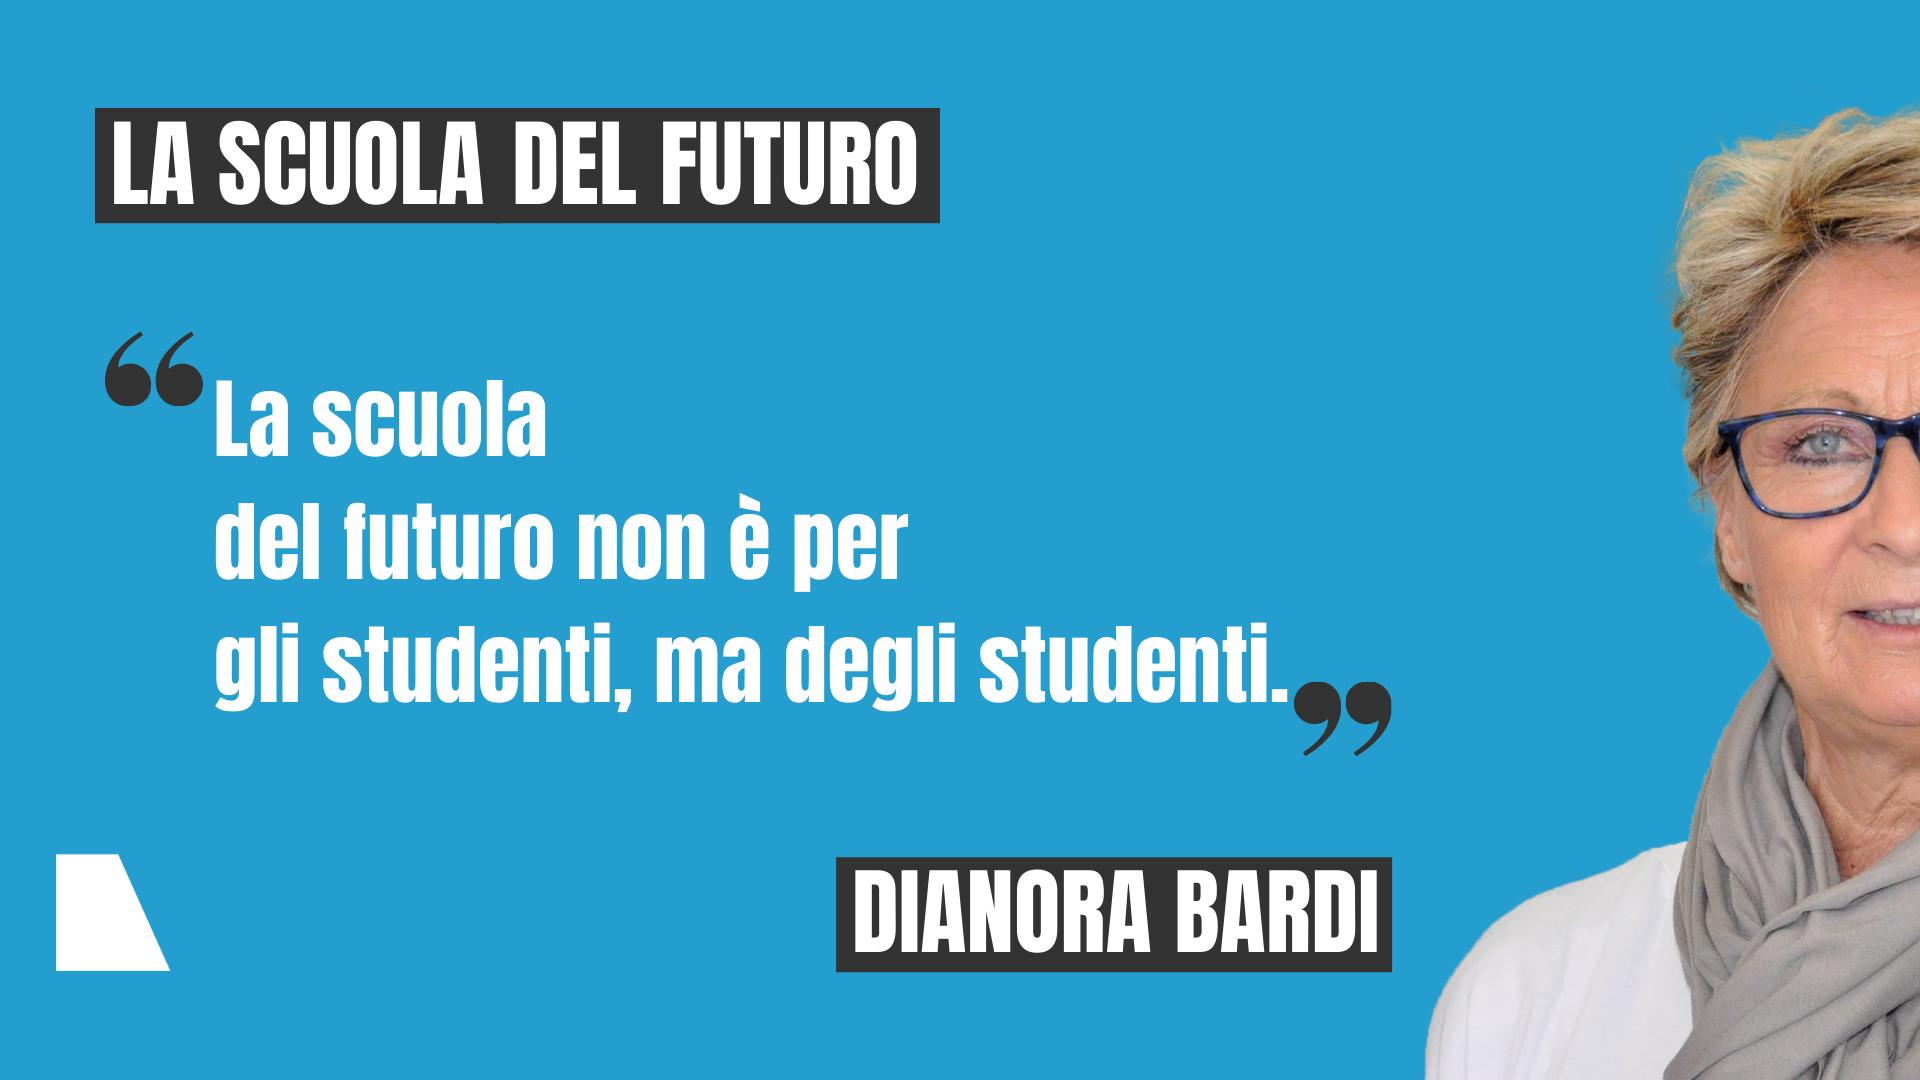 Dianora Bardi impara digitale